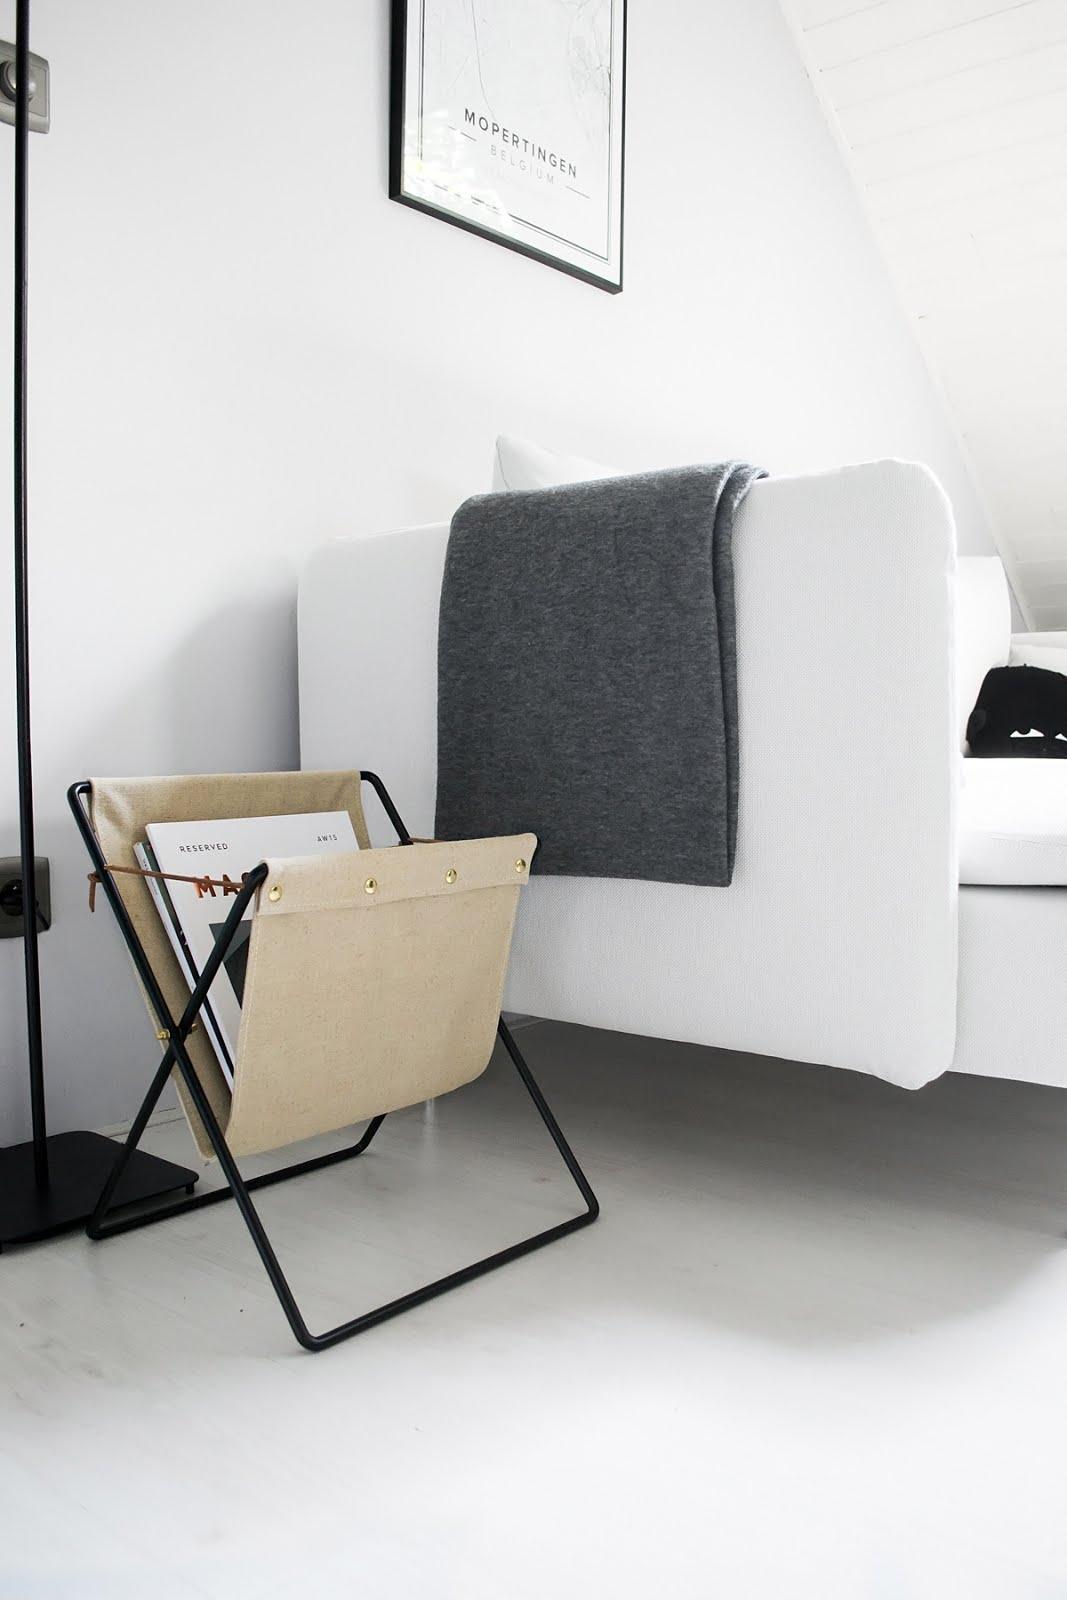 Ferm living, magazine holder, herman, tijdschriften houder, interior design, minimal